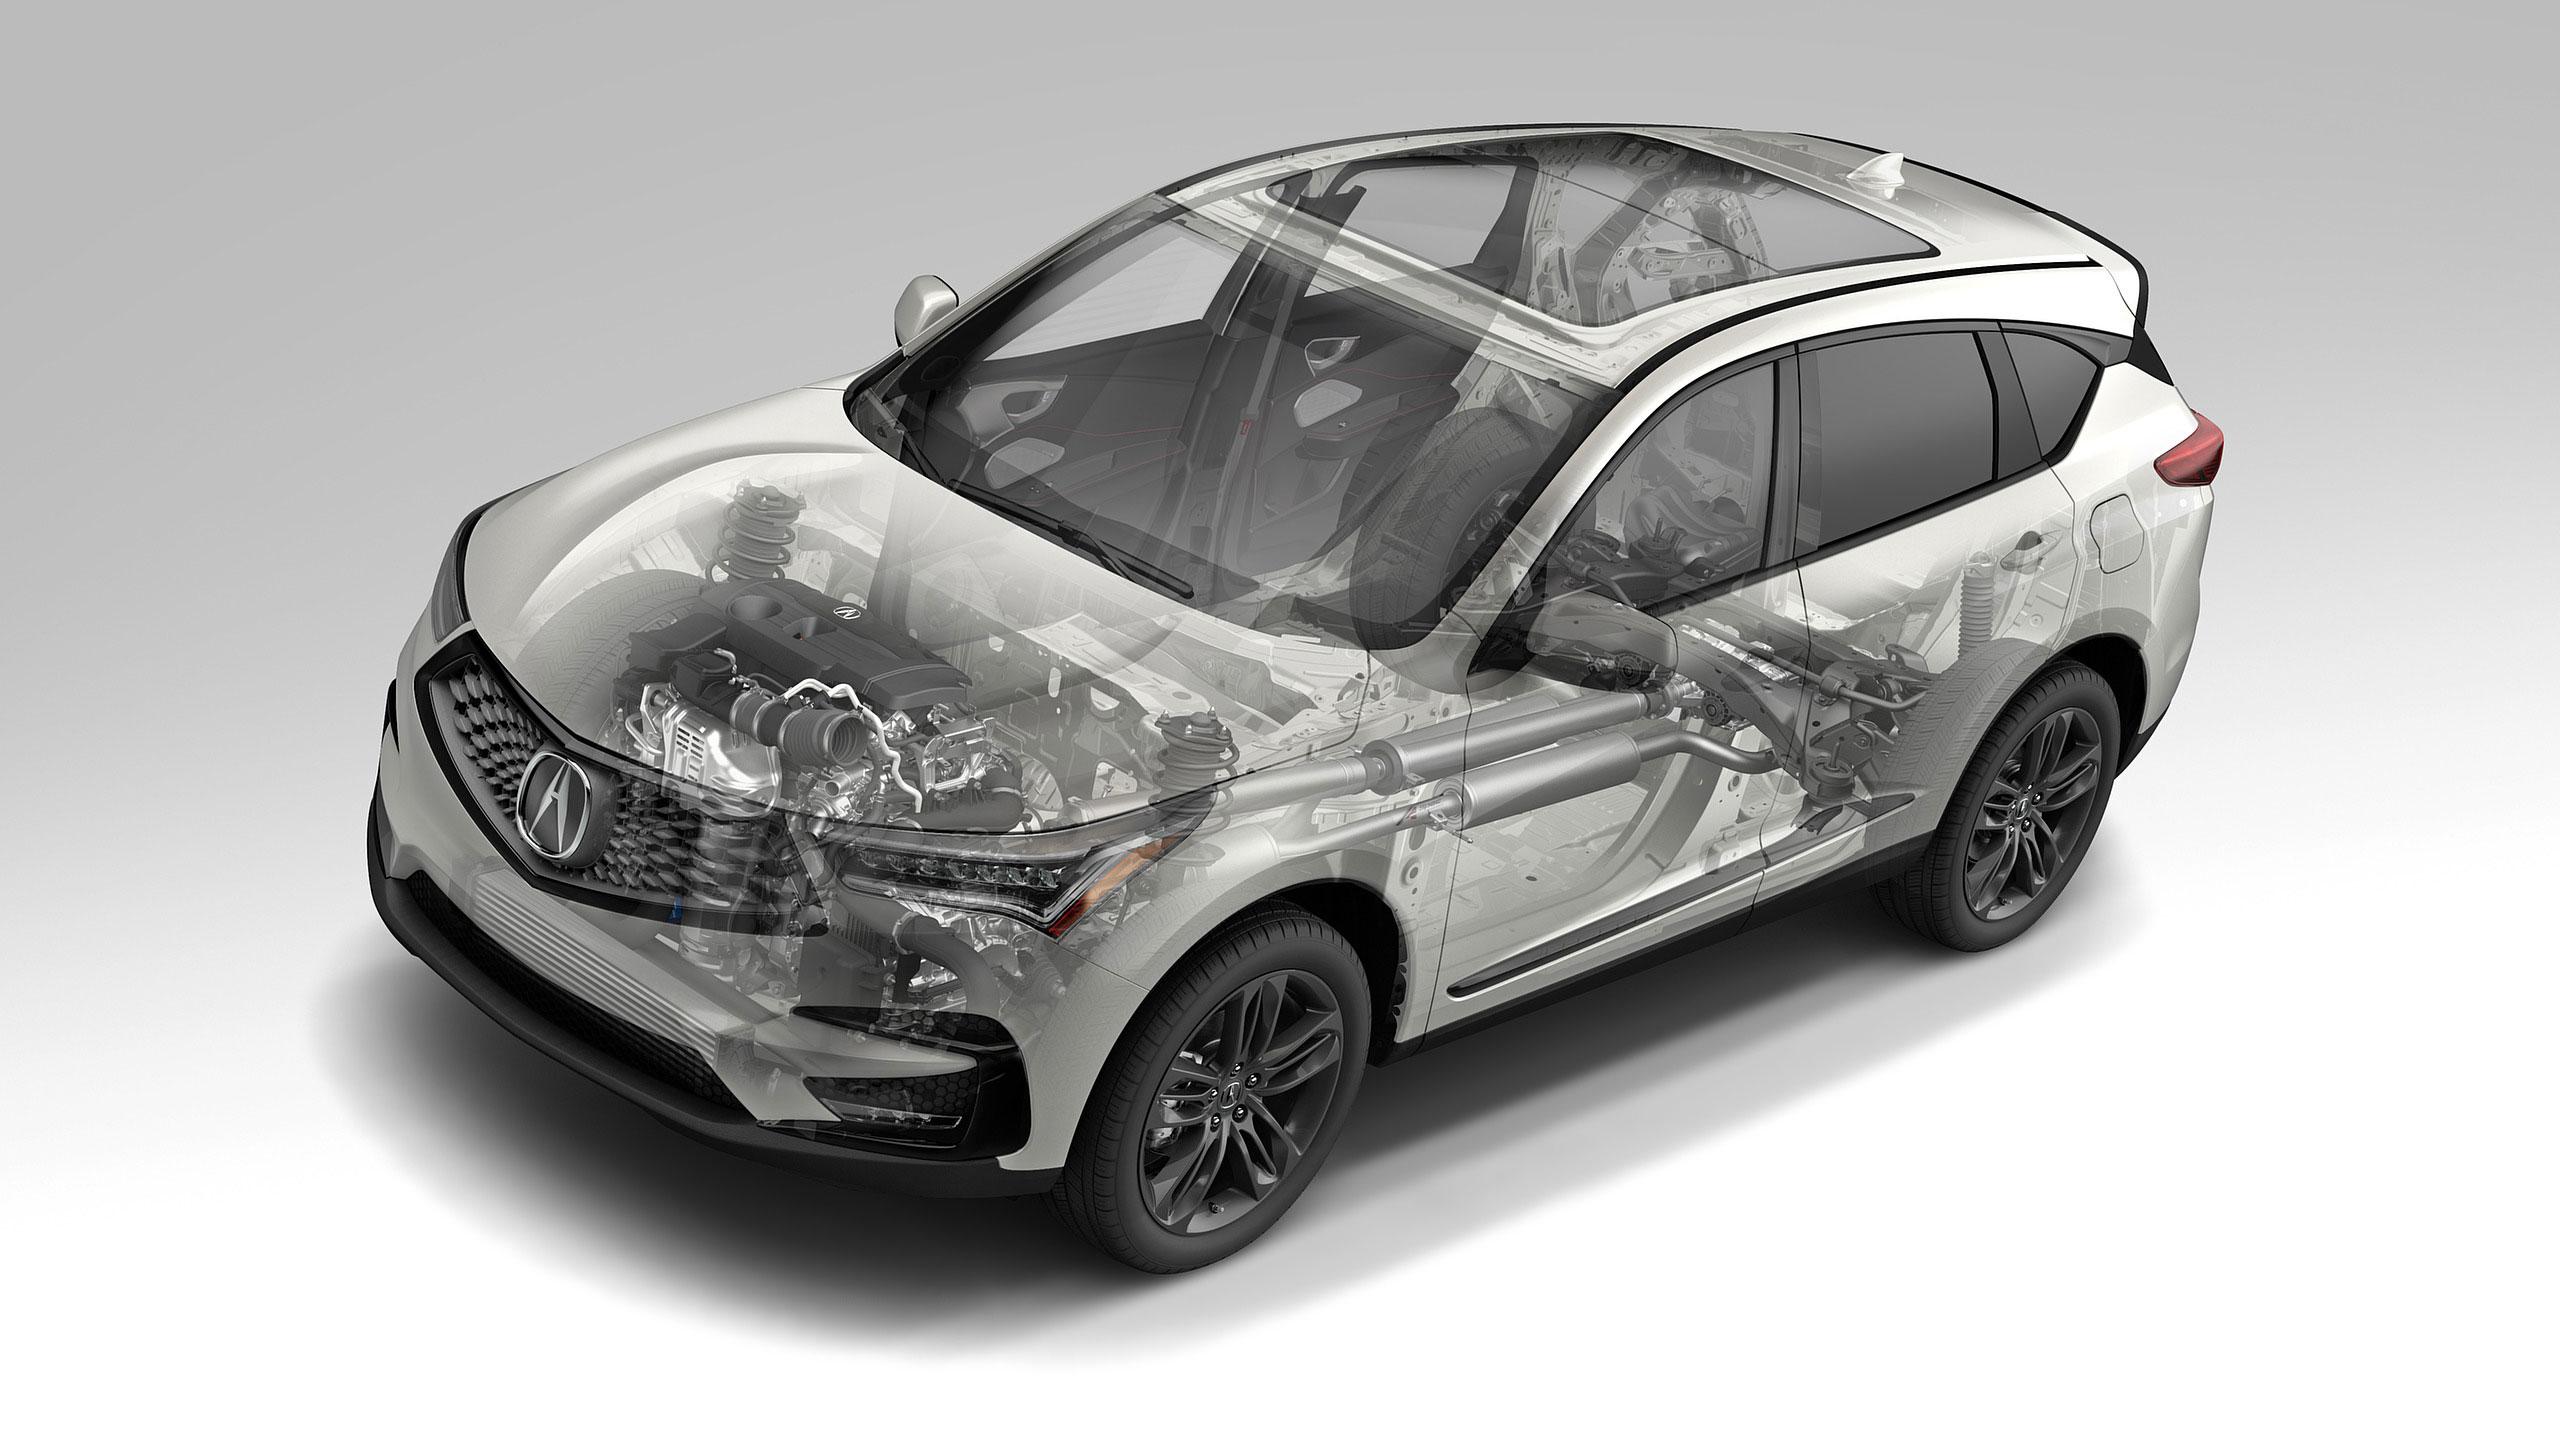 Acura RDX cutaway drawing